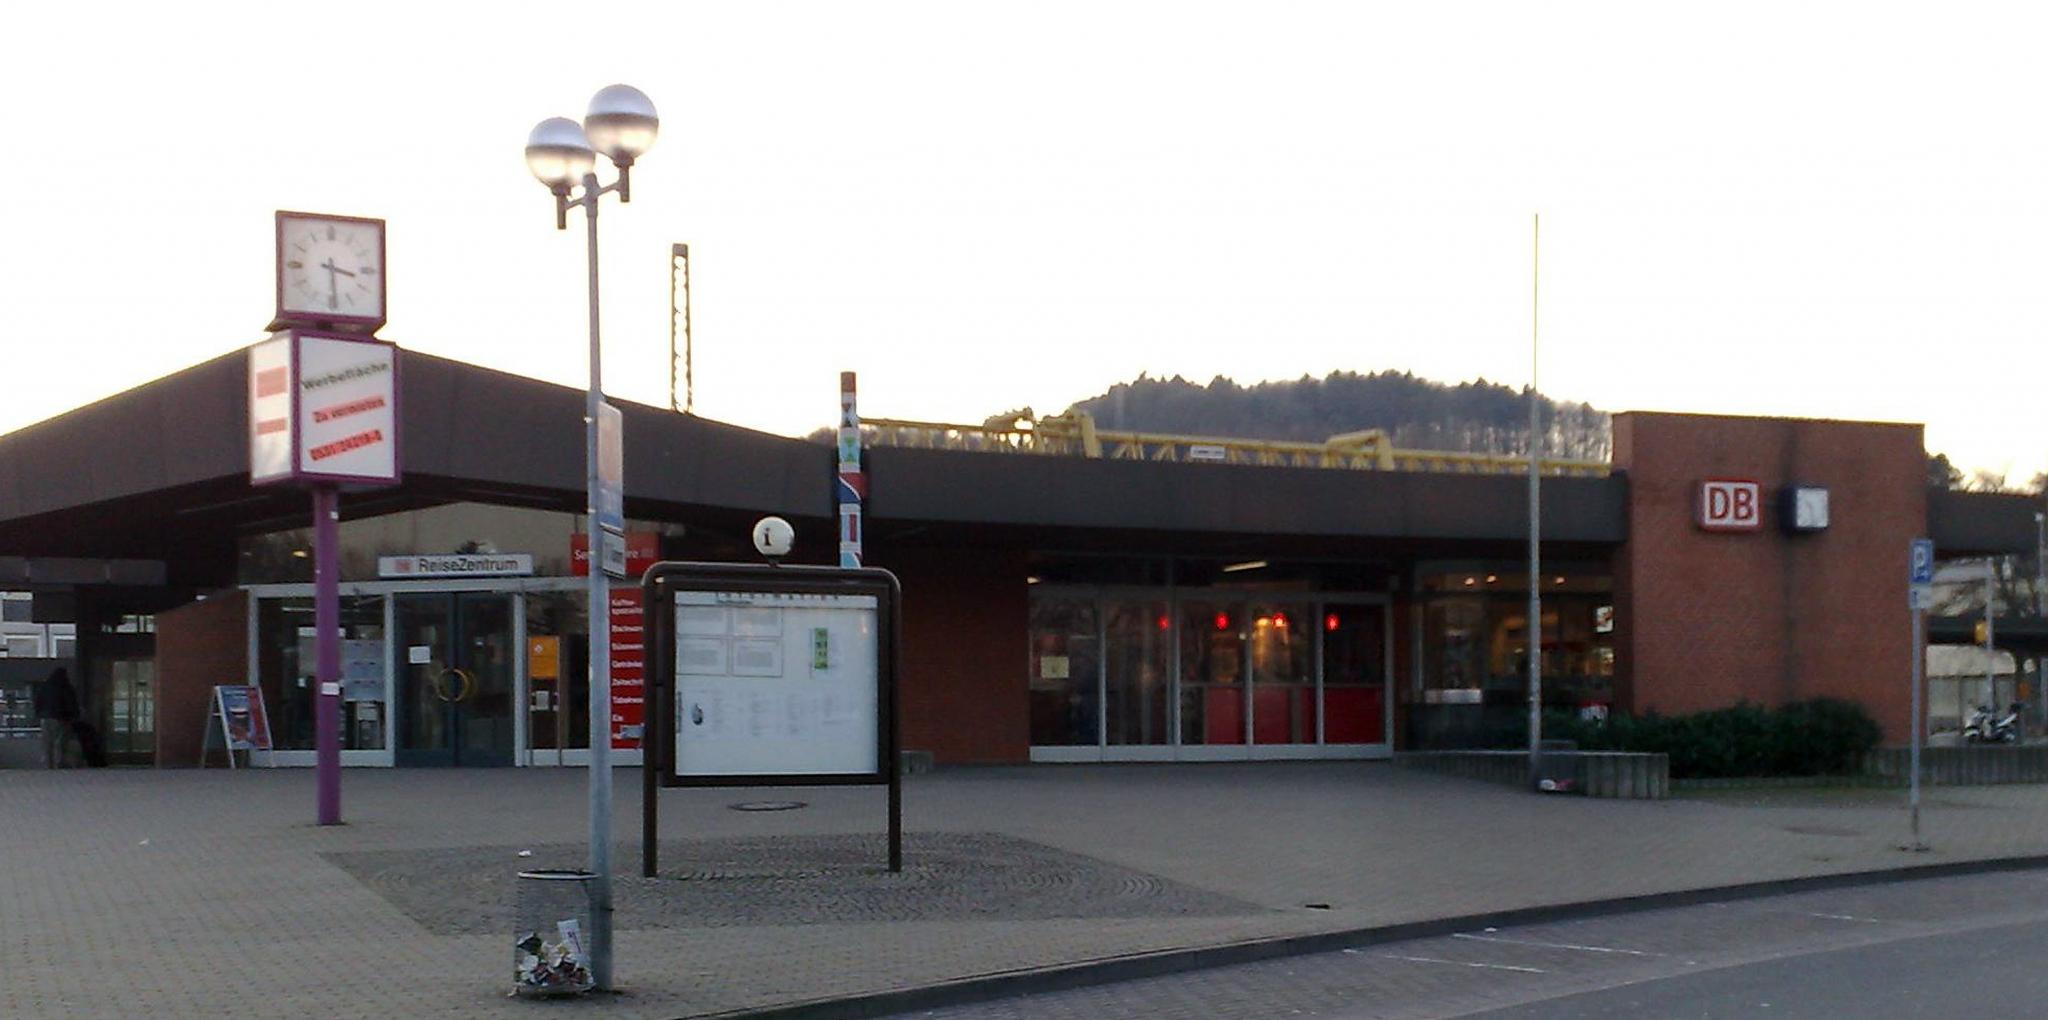 Bahnhof2007-01a